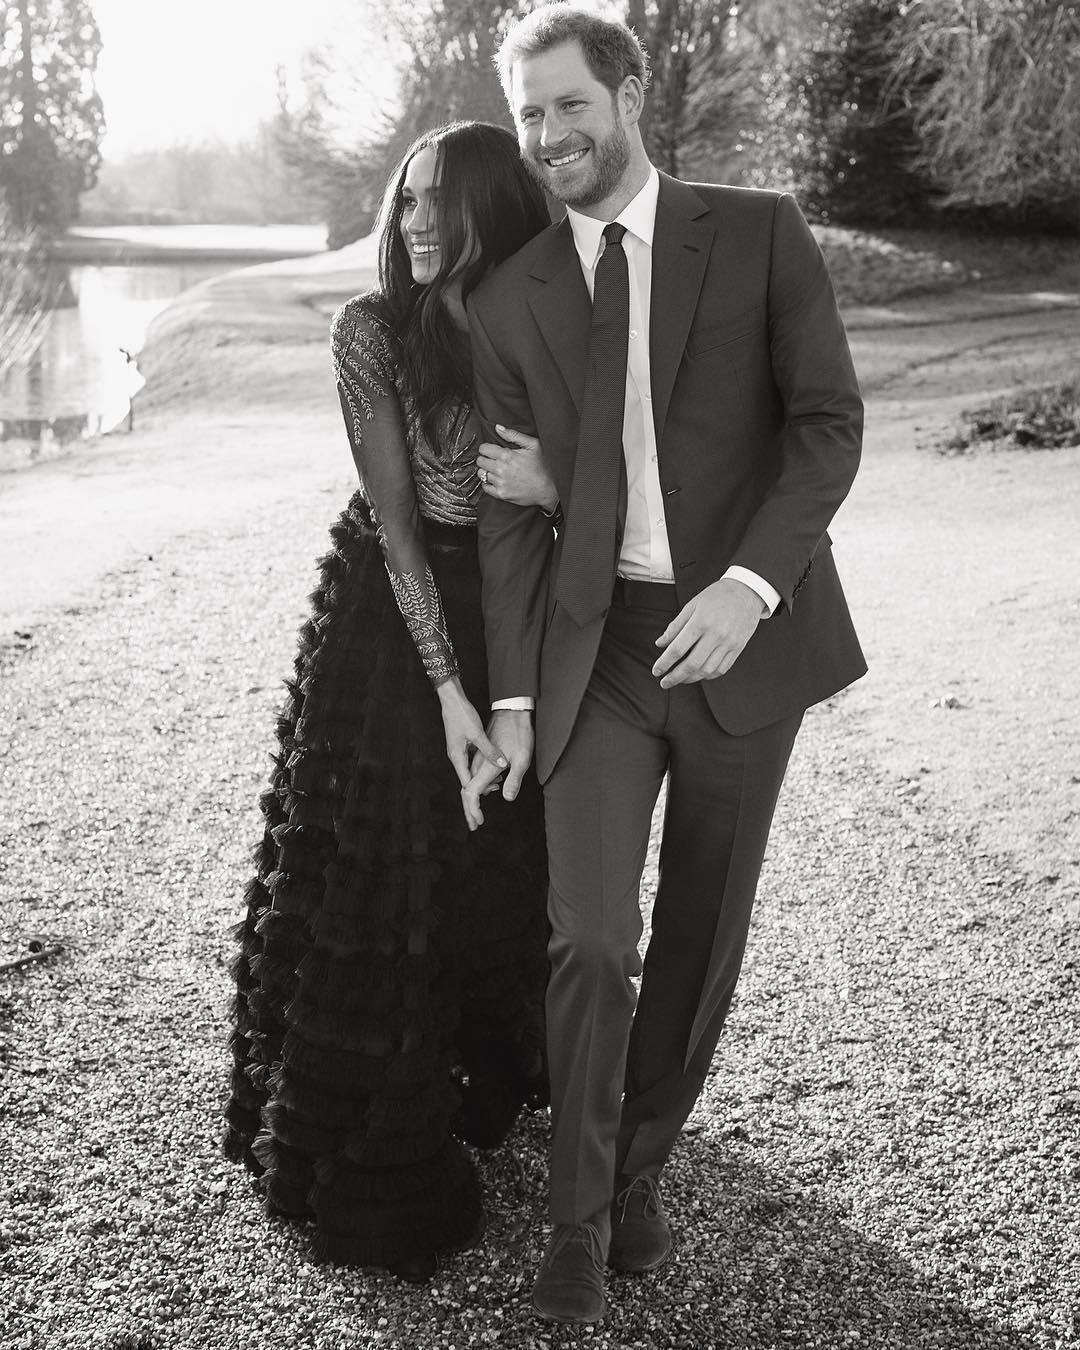 Hôn thê của hoàng tử Harry lại chơi lớn, mua hẳn váy 1,7 tỷ đồng để chụp ảnh đính hôn - Ảnh 1.